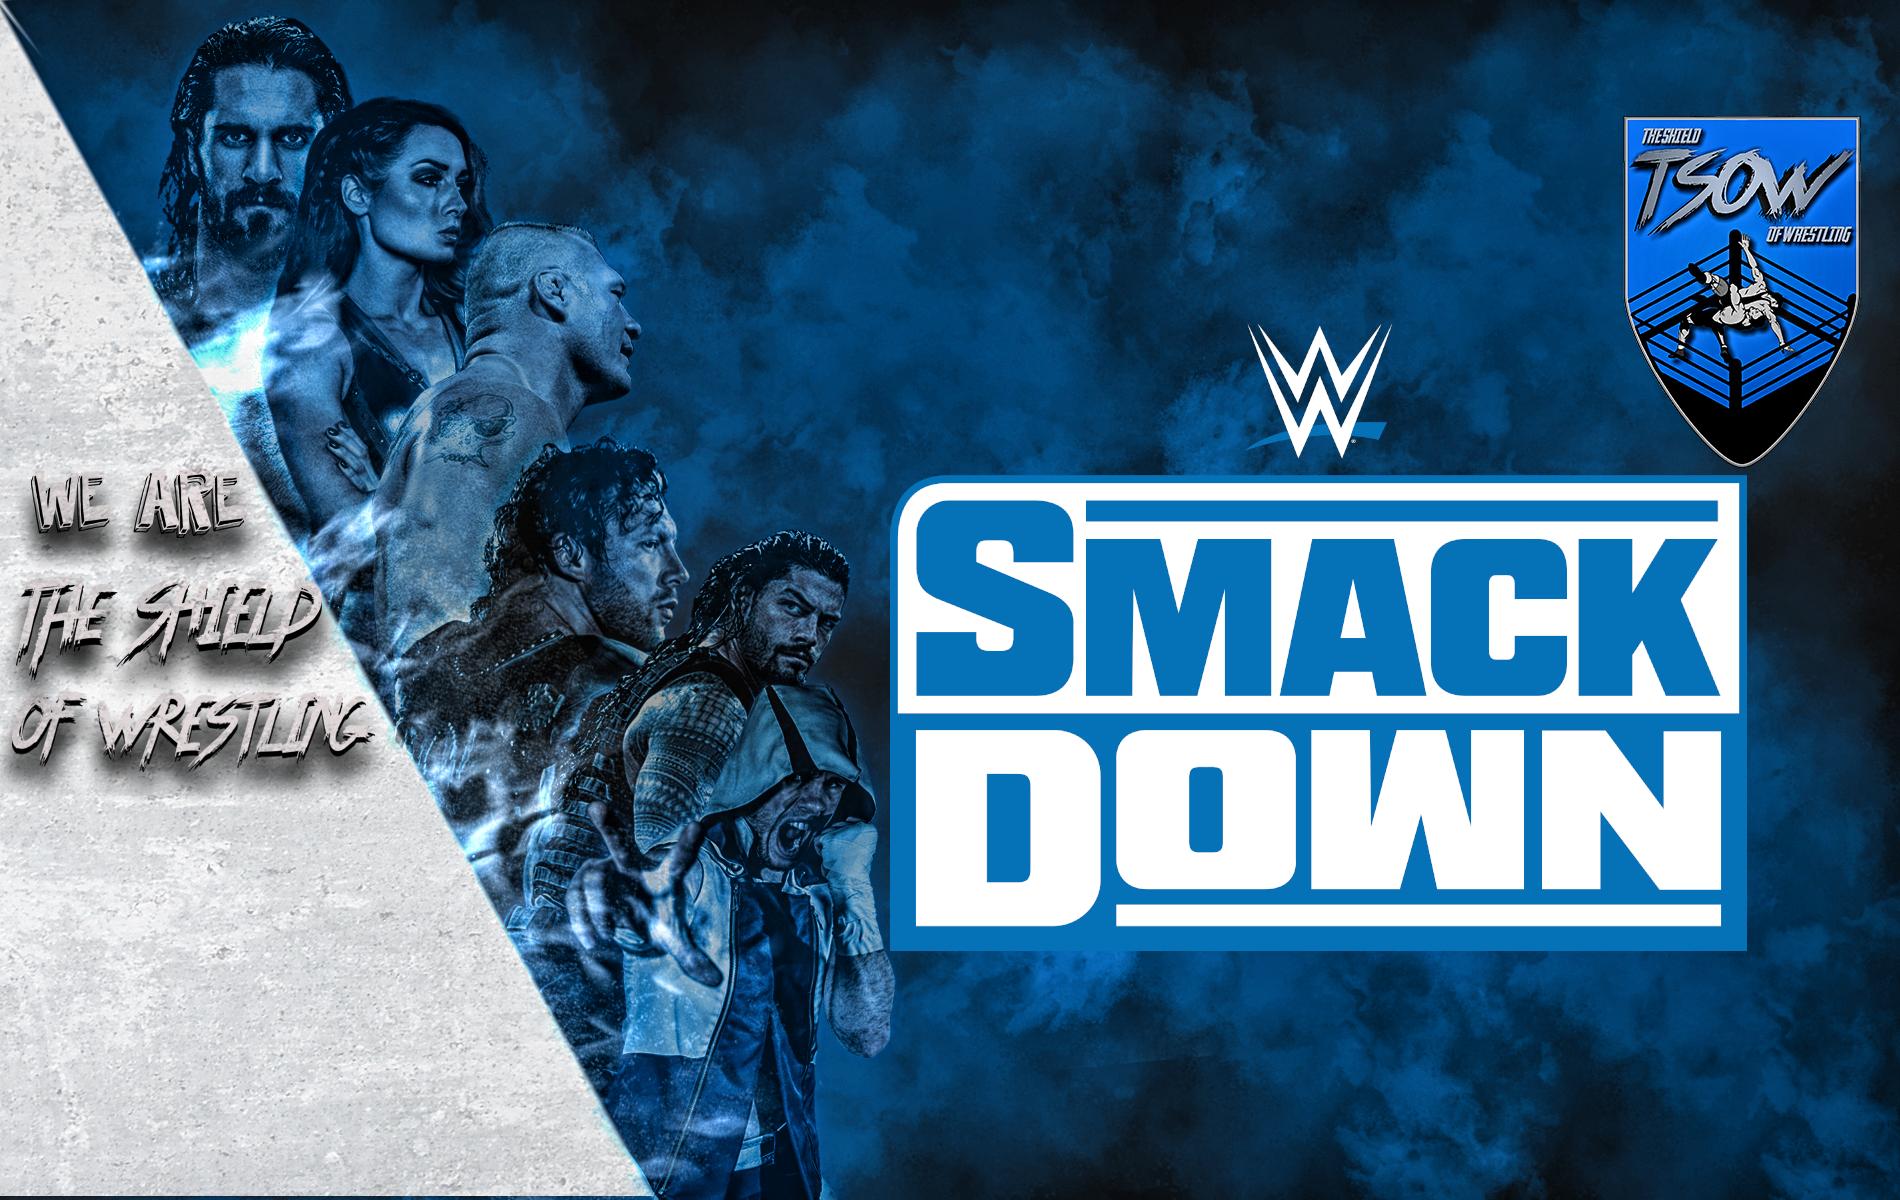 SmackDpwn 11-10-19 Risultati